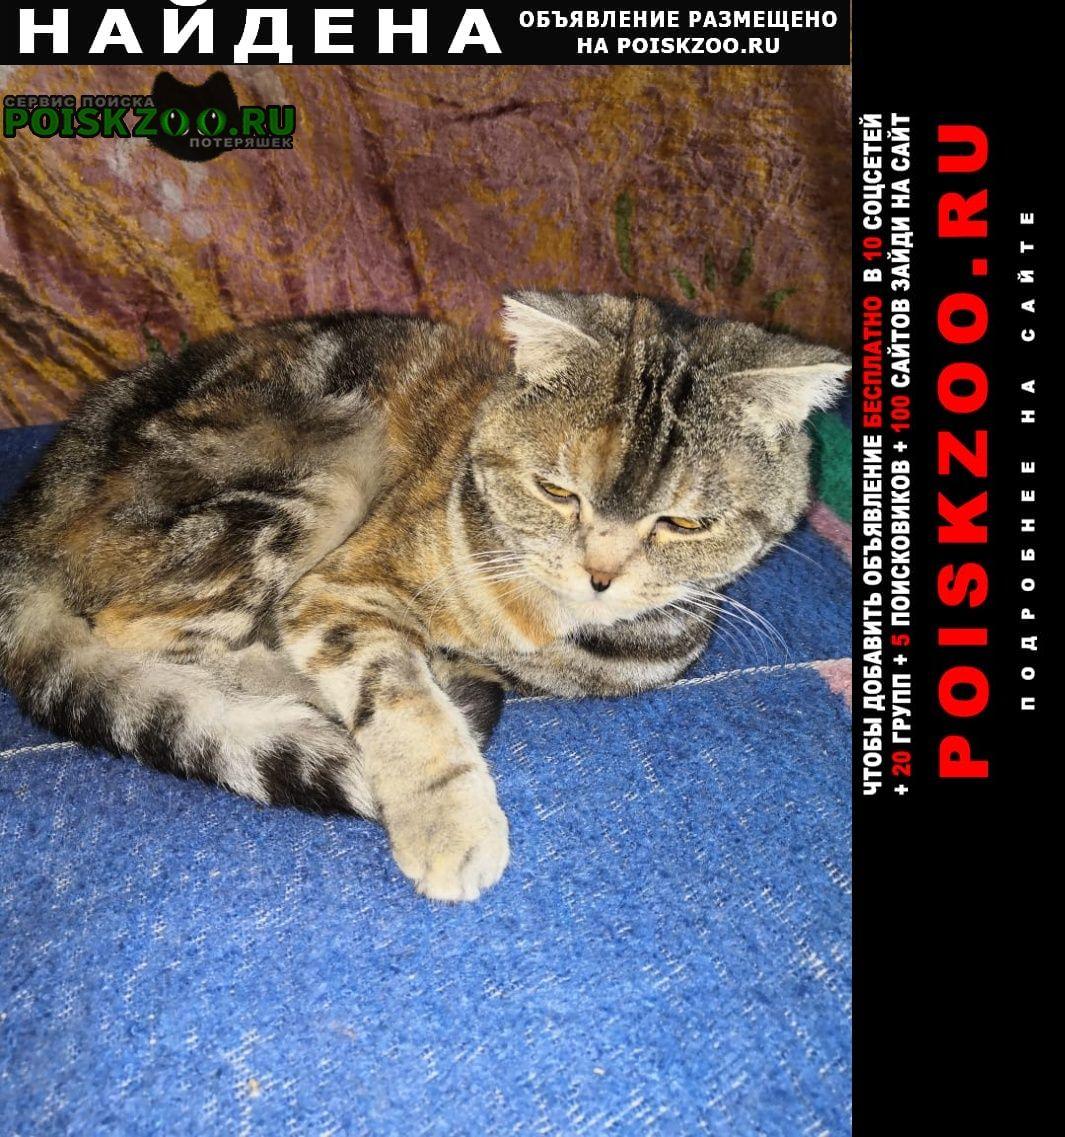 Найдена кошка породистая Саратов